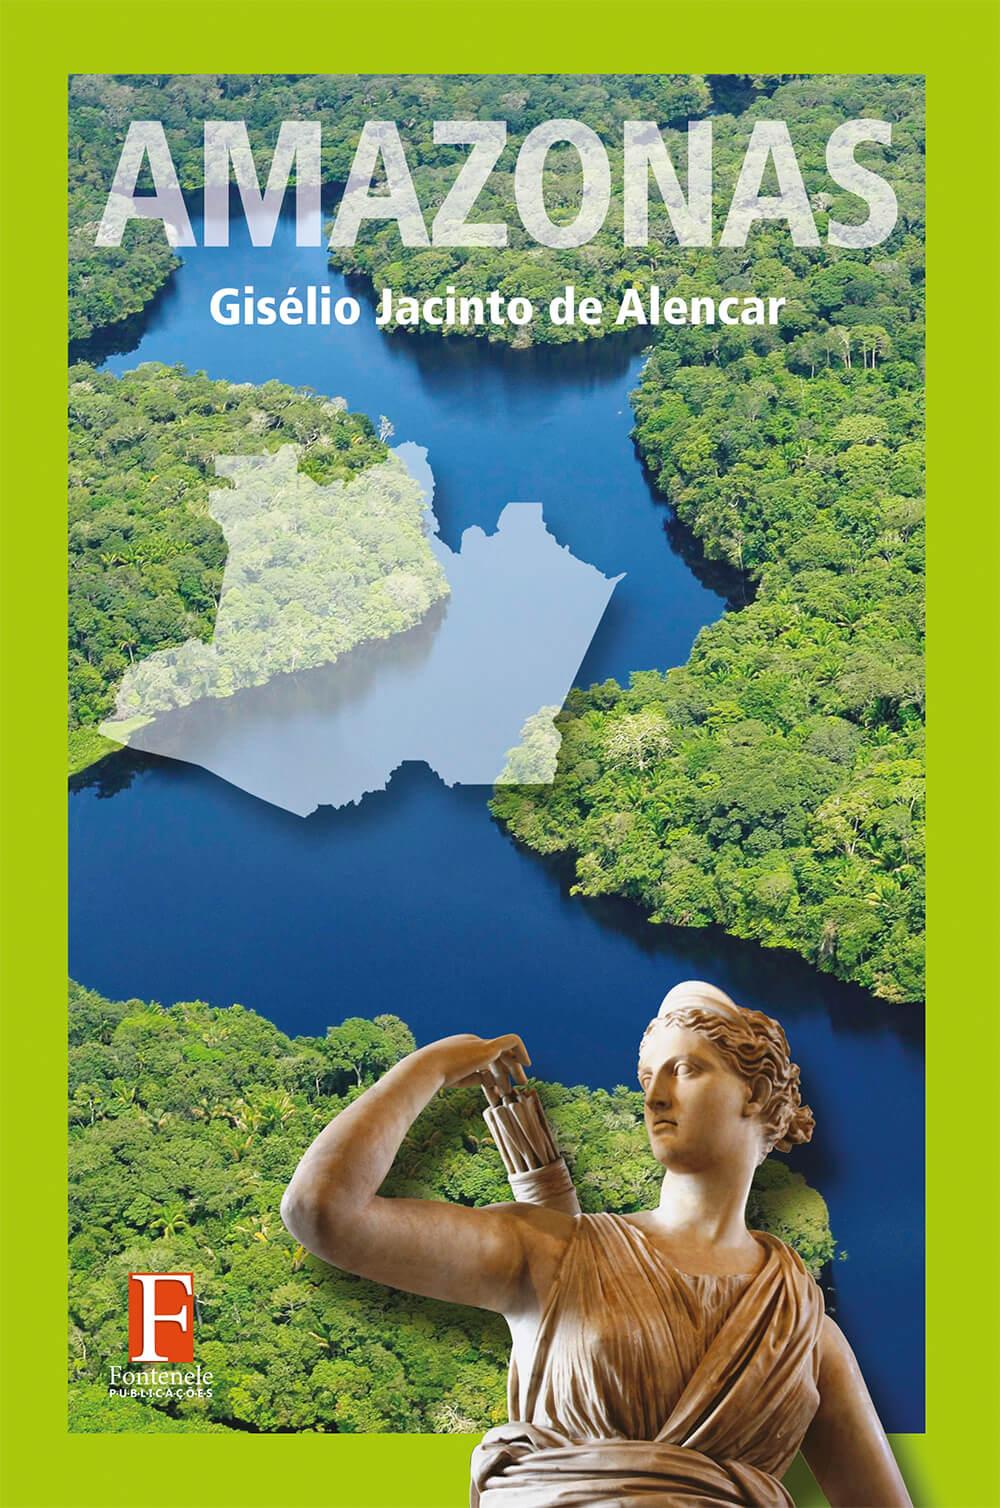 Fontenele Publicações / 11 95150-3481 / 11  95150-4383 Literatura brasileira - AMAZONAS